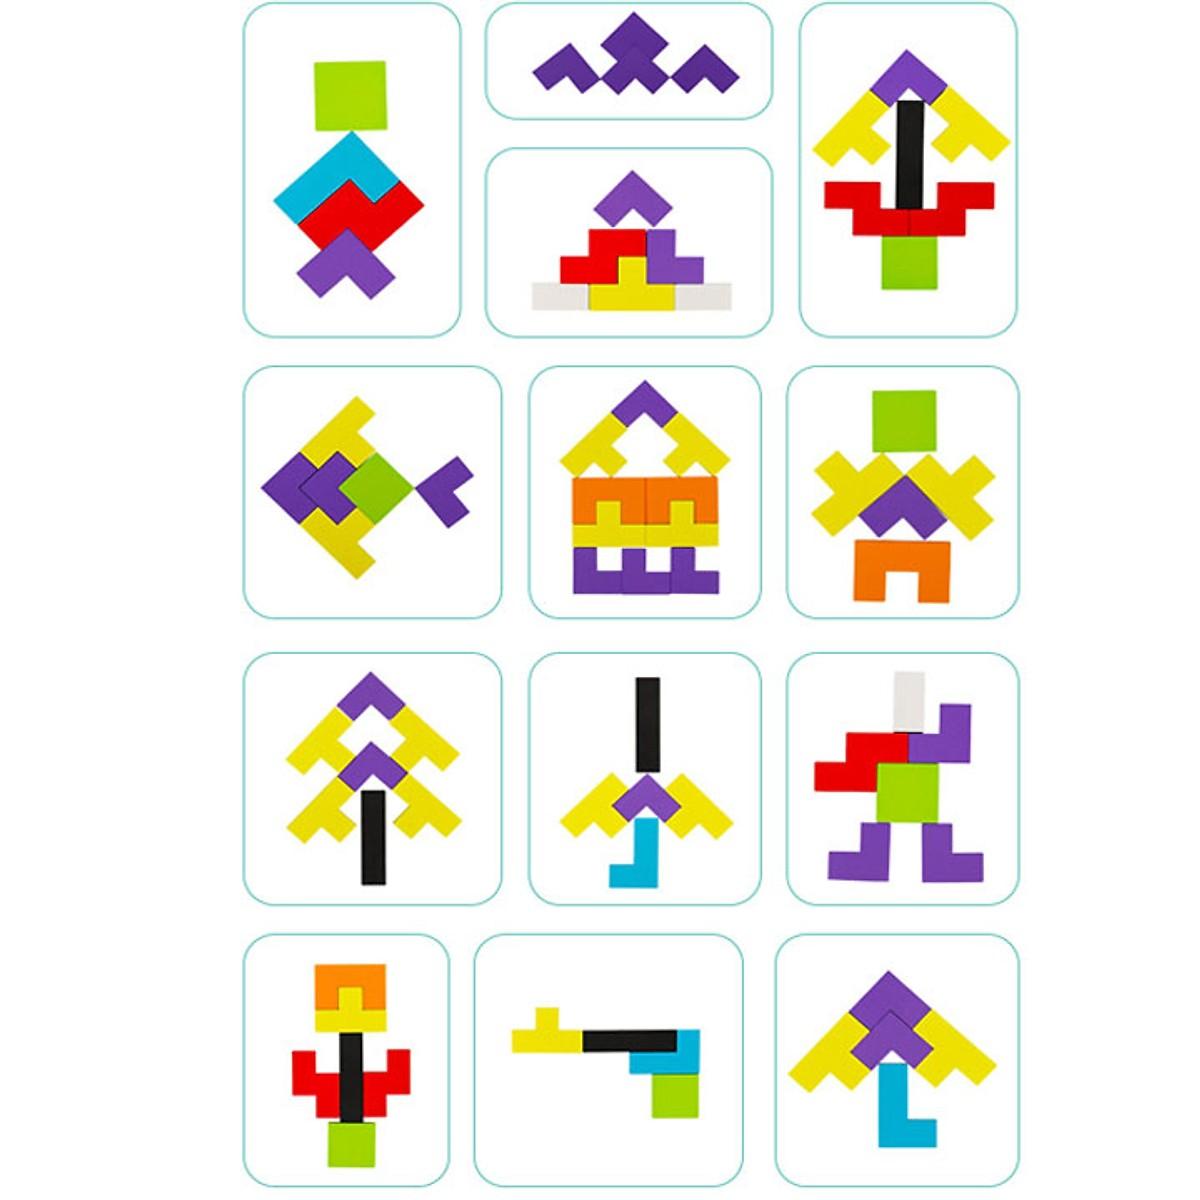 Đồ Chơi Giáo Dục Bảng Xếp Khối Hình Tetris Phát Triển Tư Duy Sáng Tạo Cho Bé